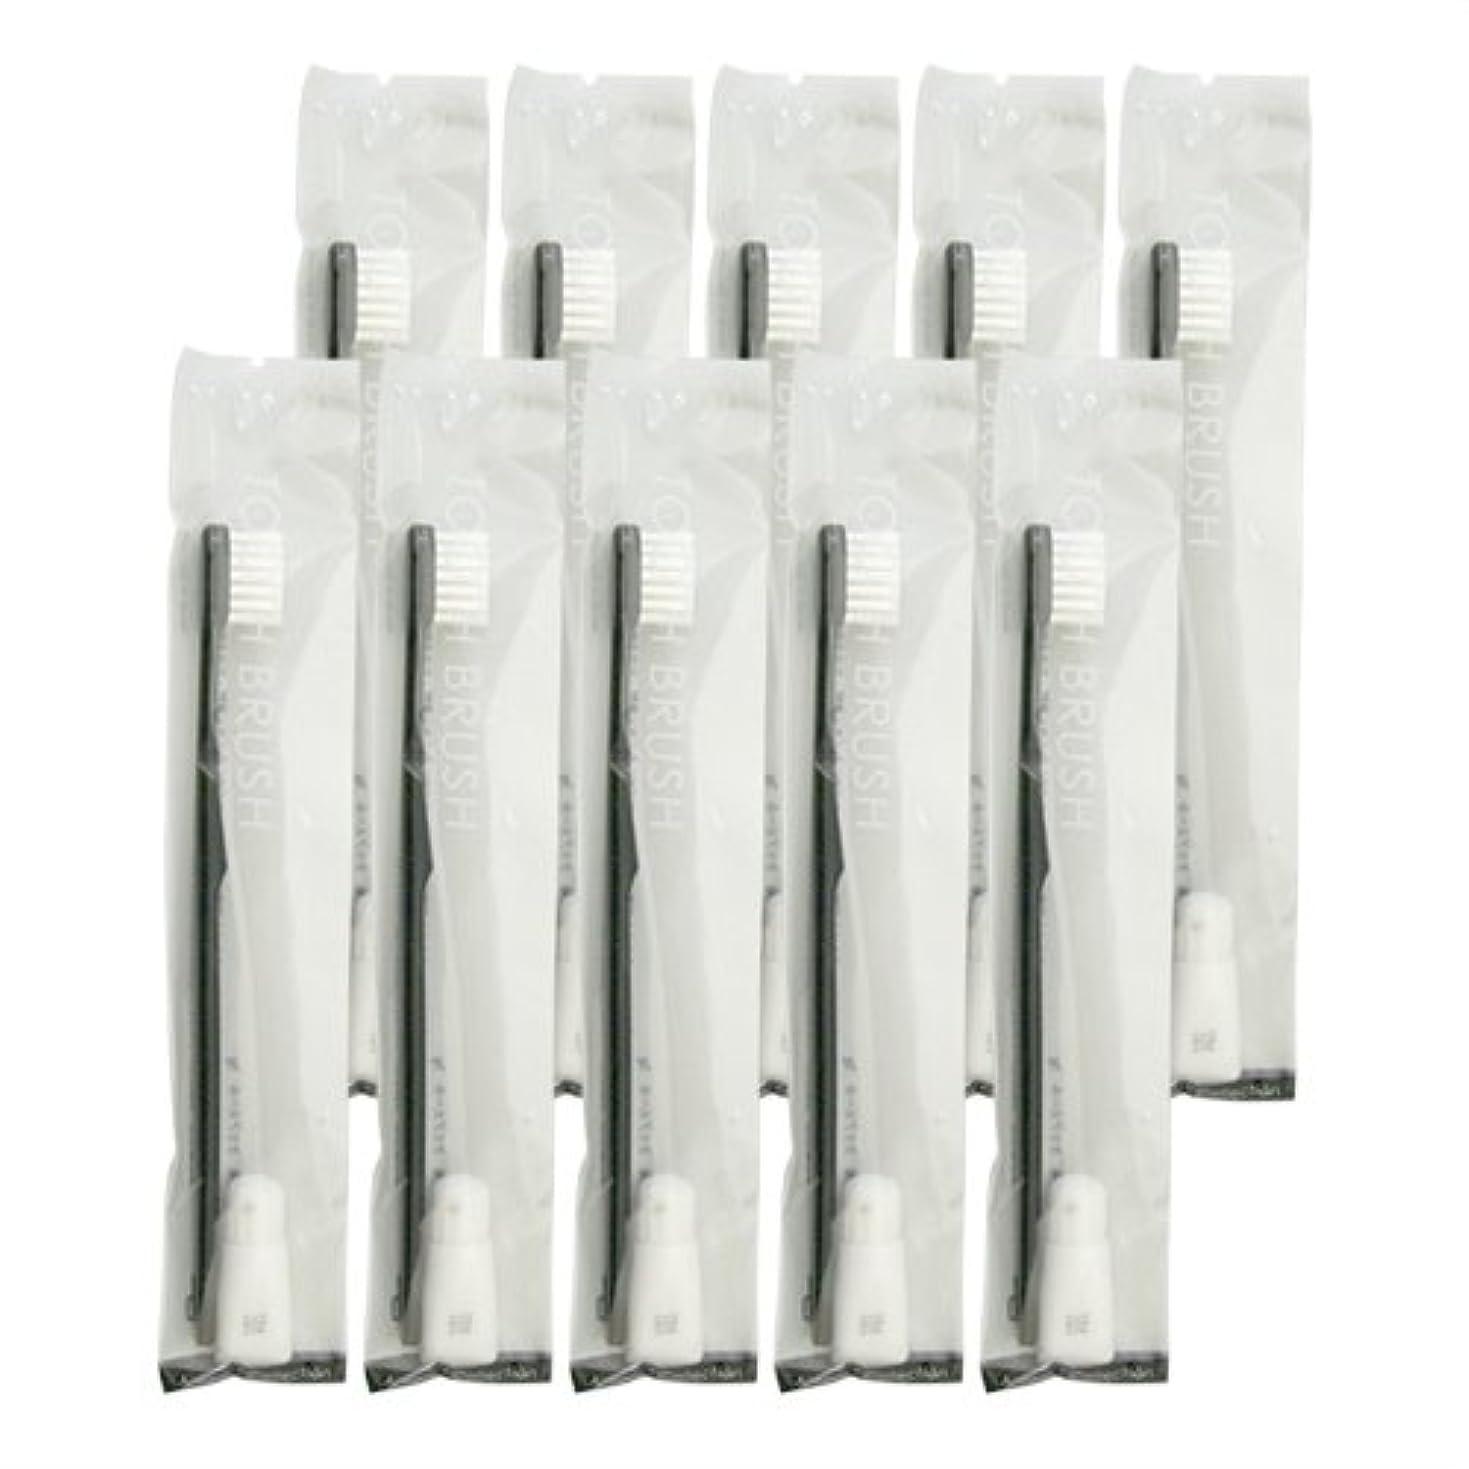 勝利強制ほぼ業務用 使い捨て歯ブラシ チューブ歯磨き粉(3g)付き ブラック 10本セット│ホテルアメニティ 個包装タイプ